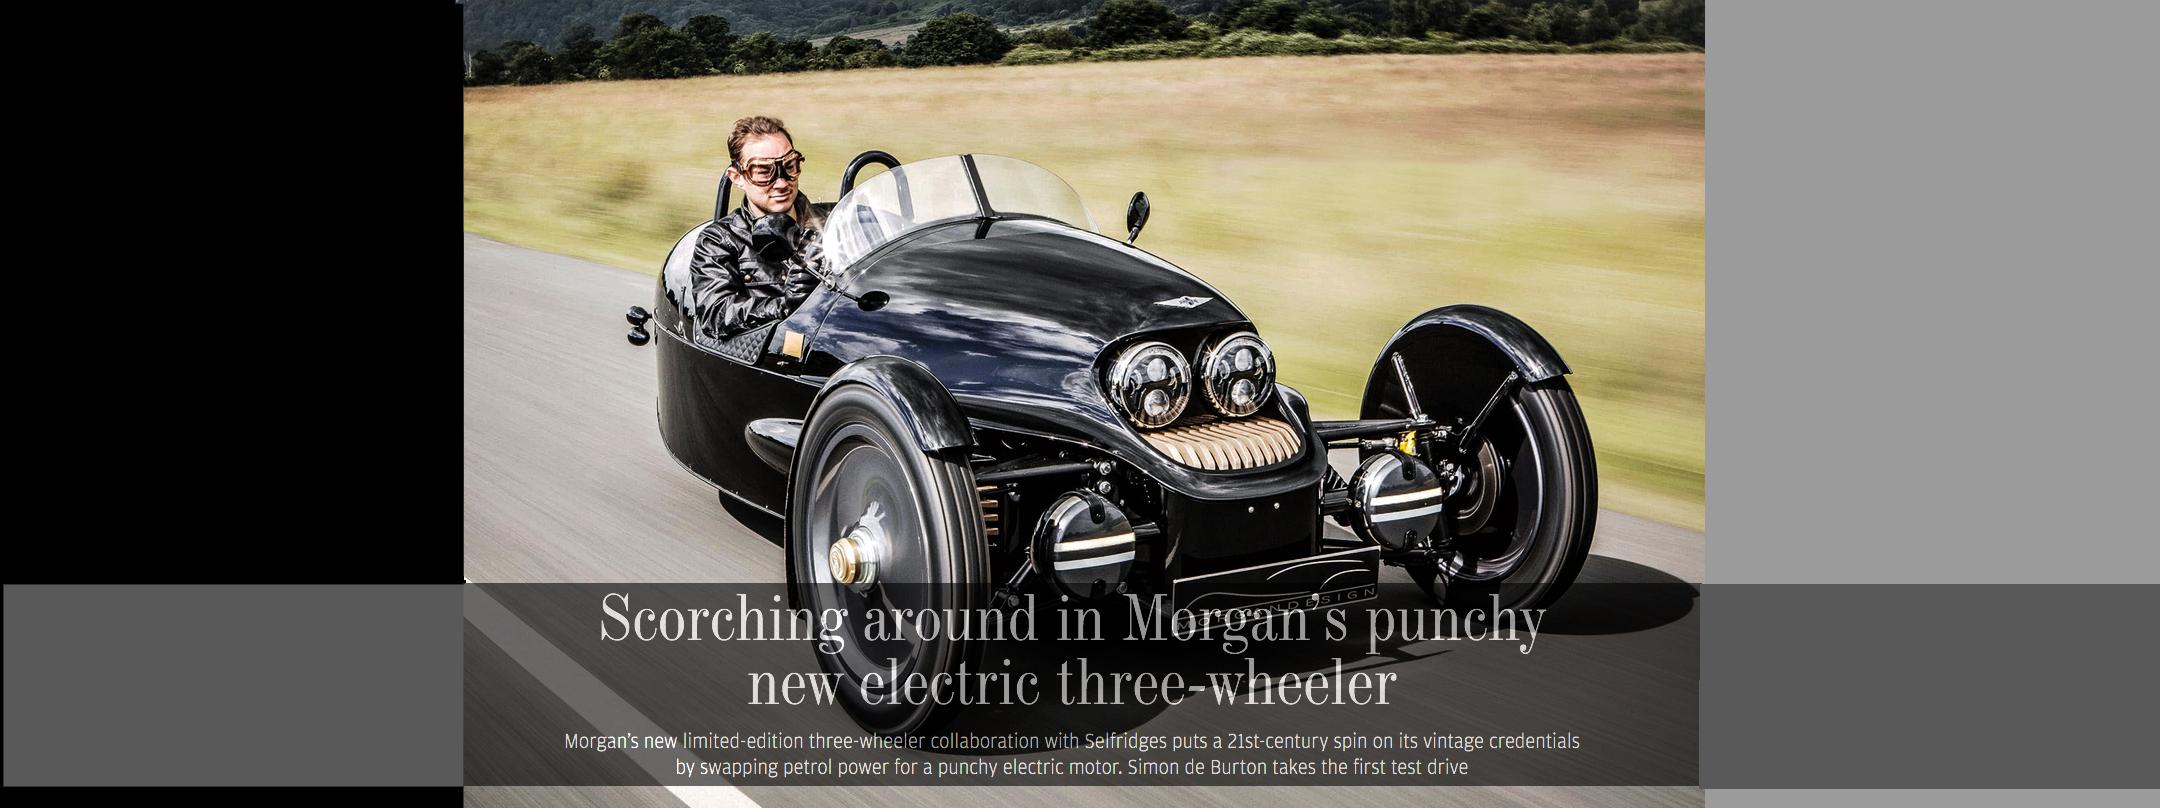 Morgan EV3 Review